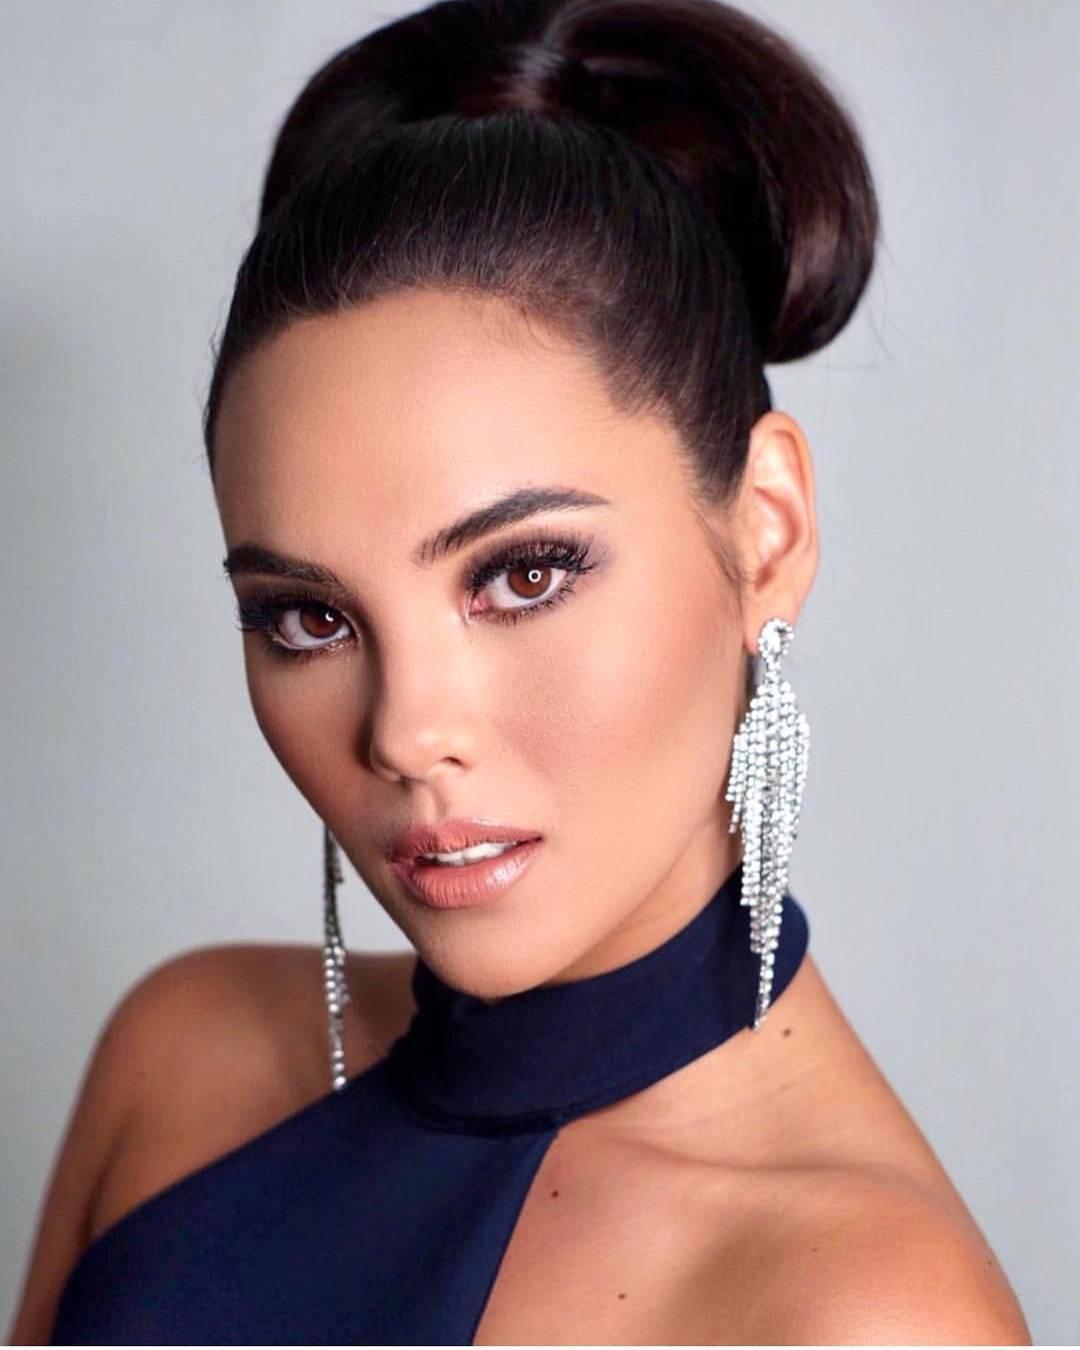 Nhan sắc lai đẹp rực rỡ của Tân Hoa hậu Hoàn vũ 2018 và loạt thành tích khủng trên hành trình đoạt được vương miện-16